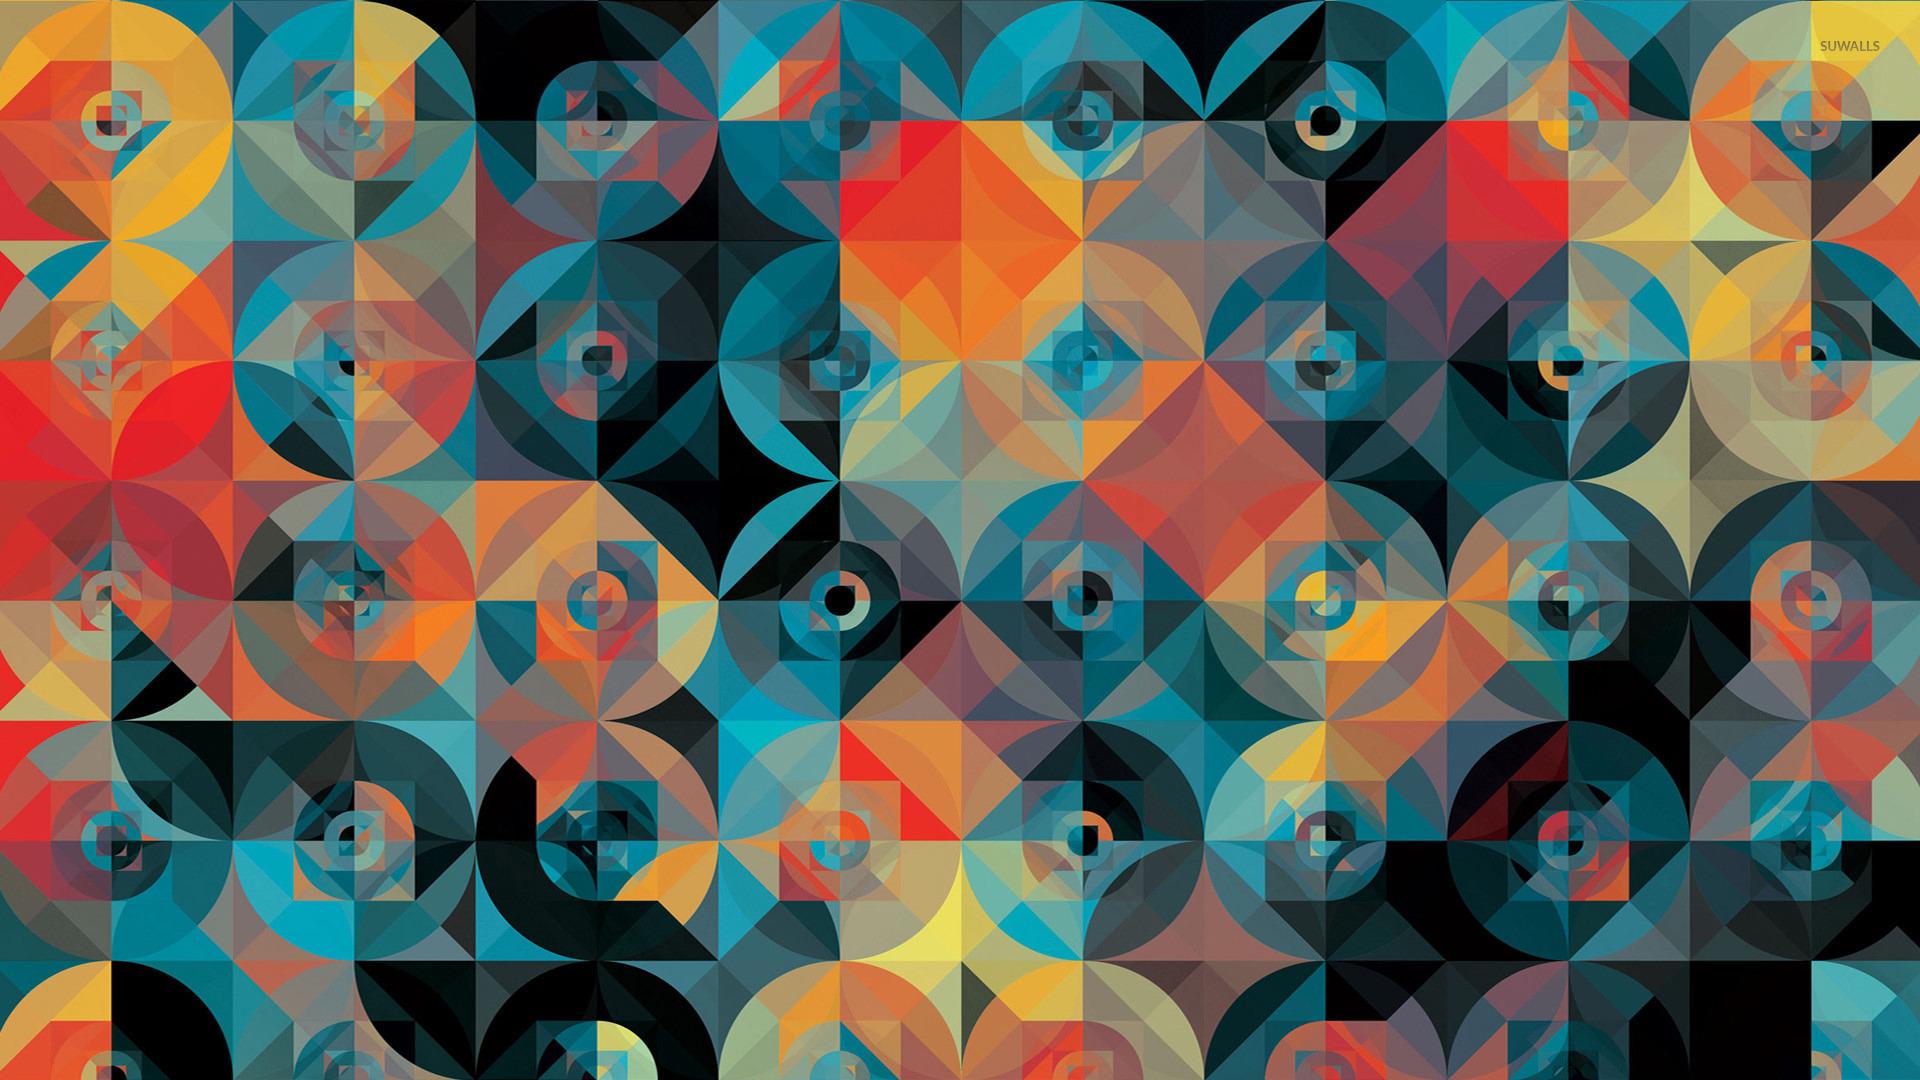 Mosaic [3] wallpaper - Abstract wallpapers - #16506